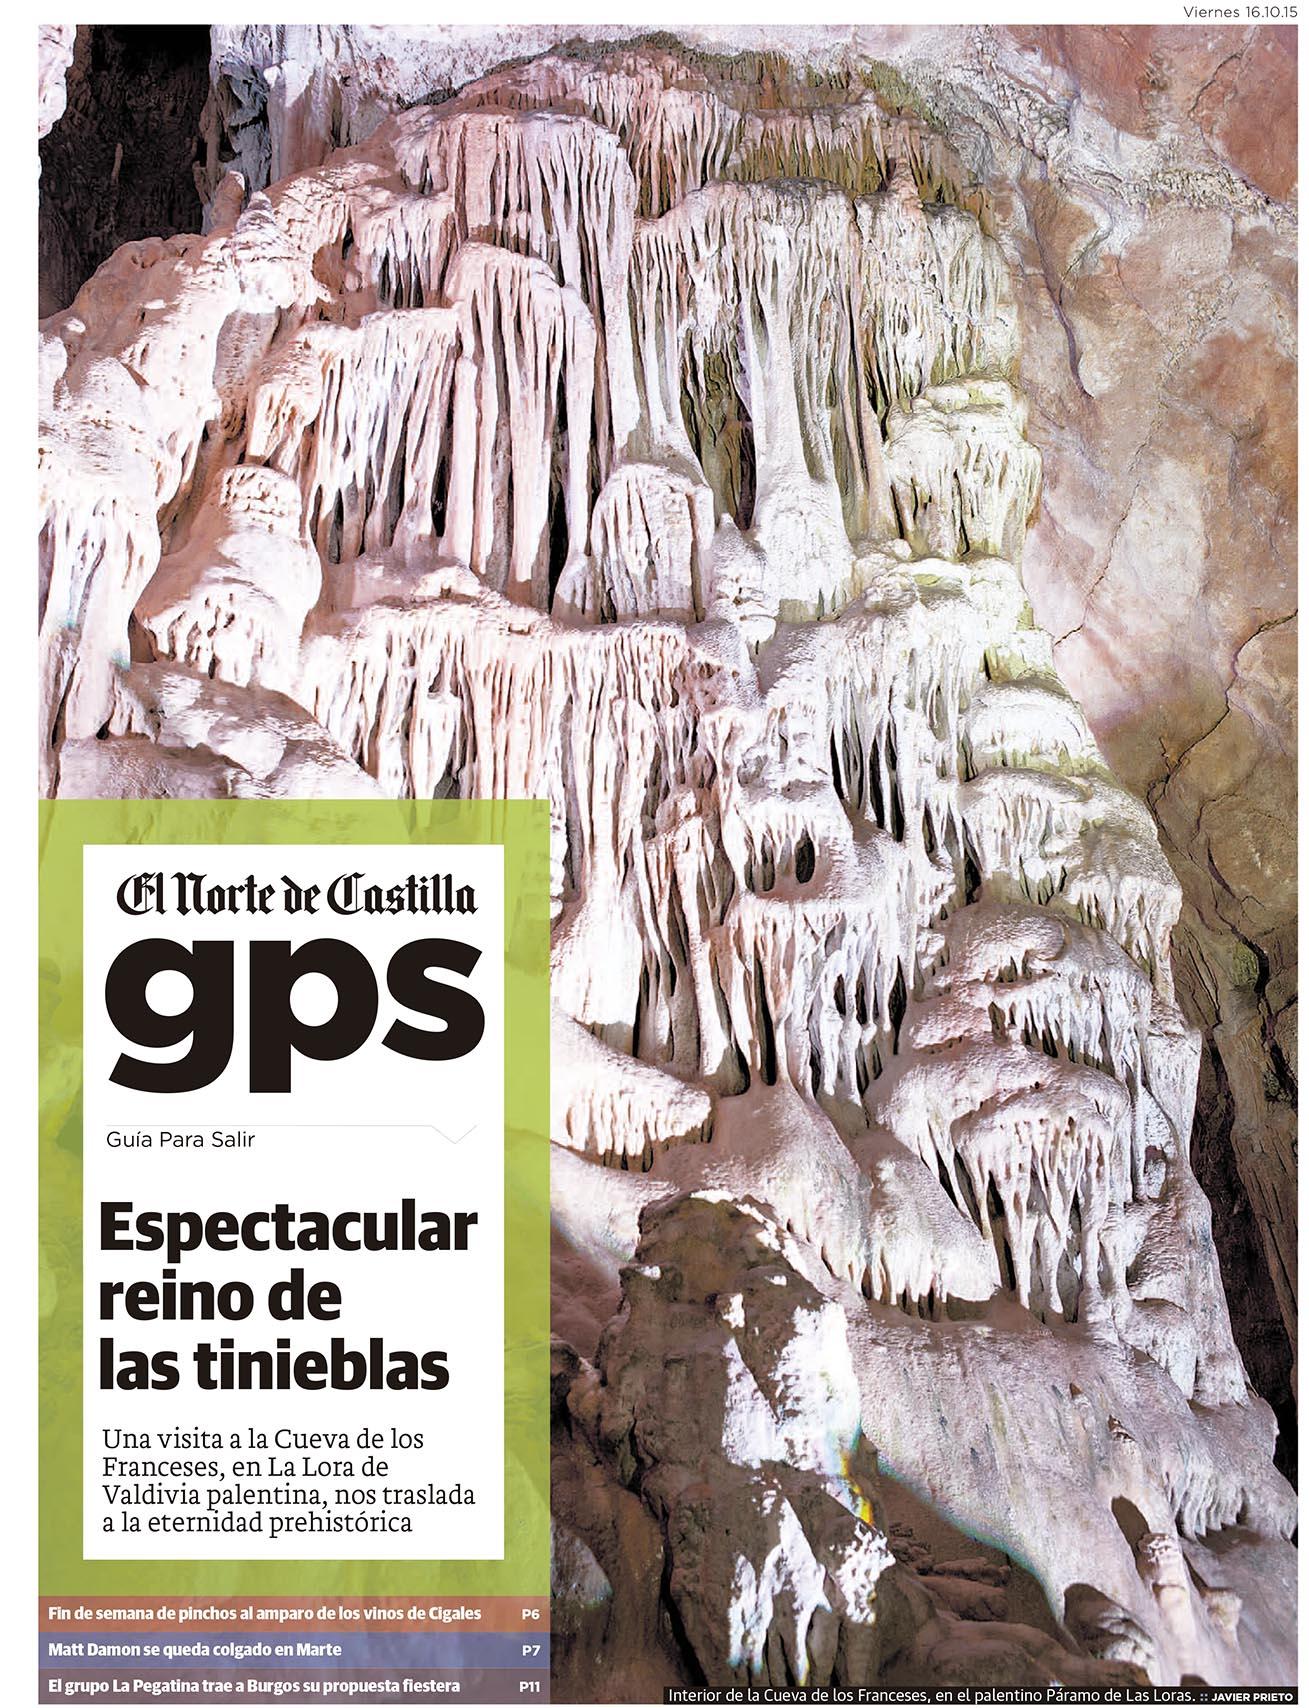 La Cueva de los Franceses. Reportaje publicado por Javier Prieto Gallego en el periódico EL NORTE DE CASTILLA.